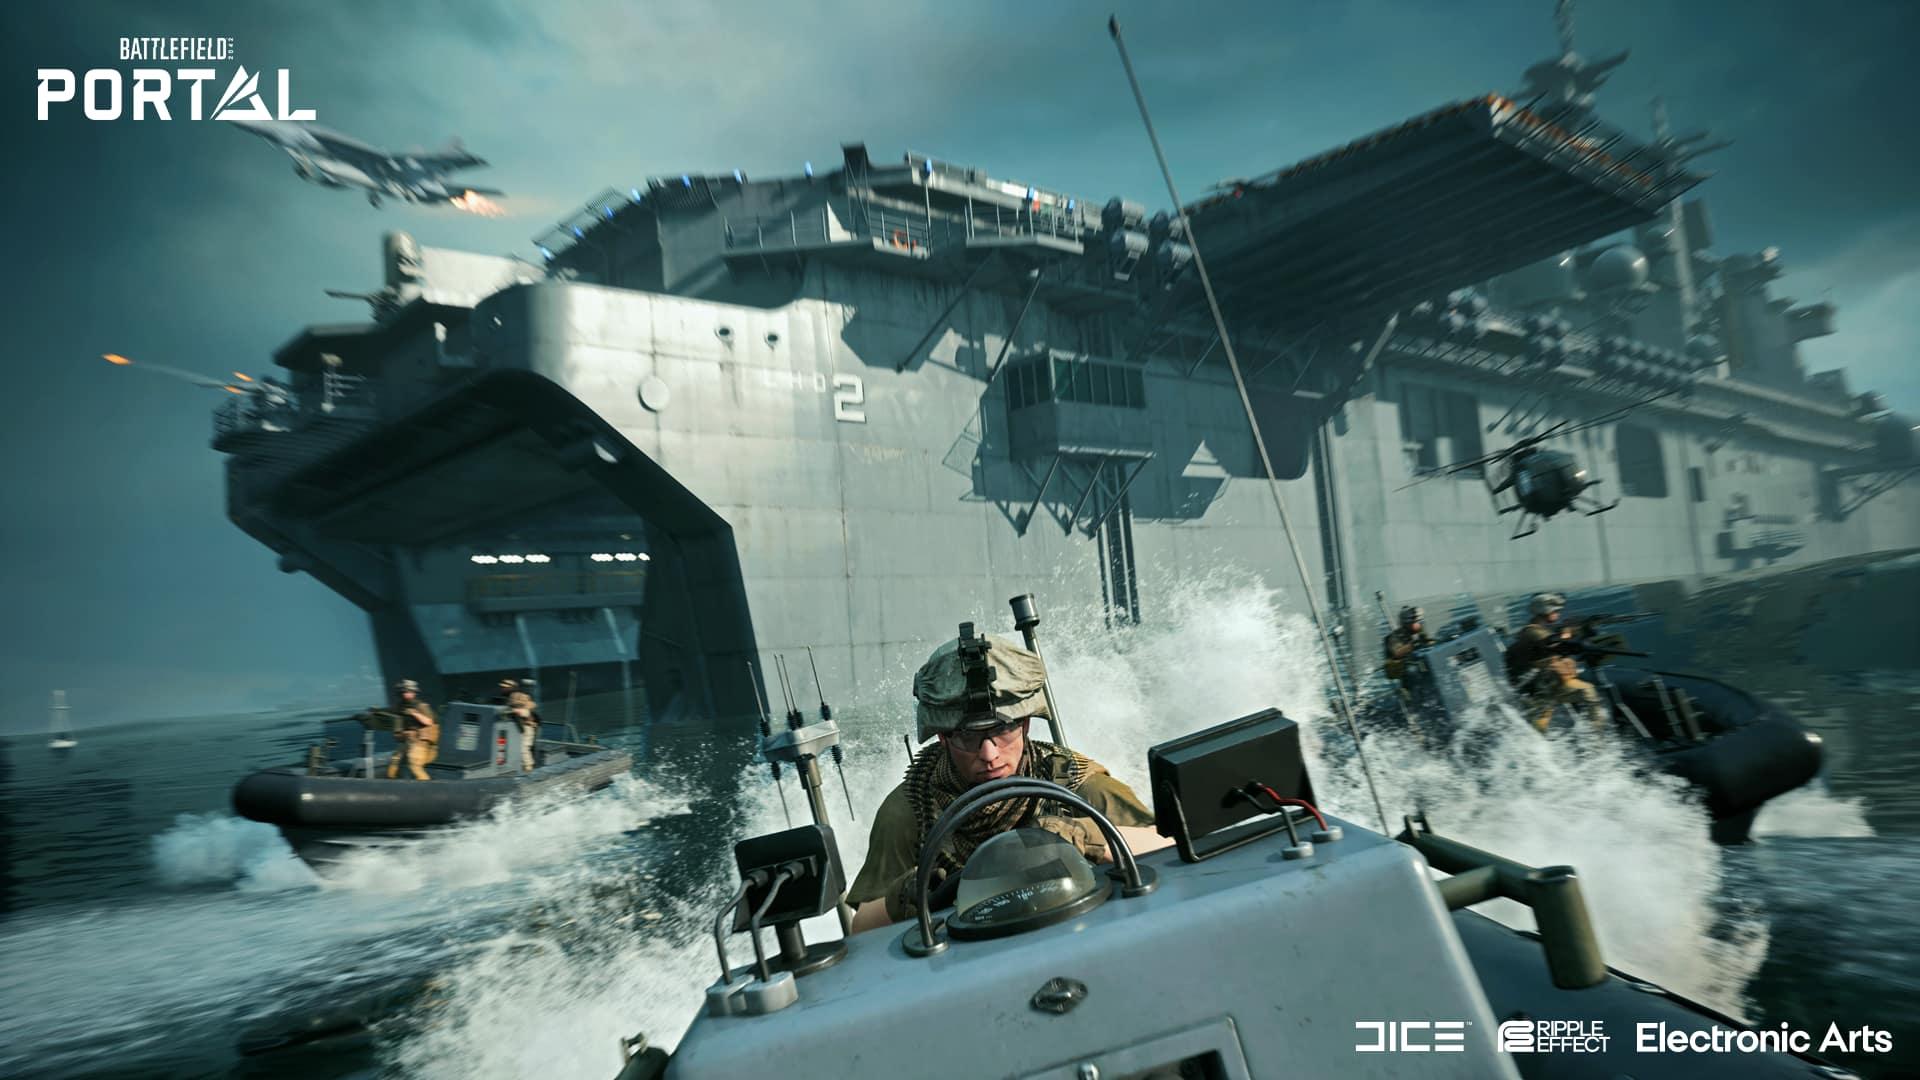 Todo sobre Battlefield Portal, el nuevo modo de juego de Battlefield 2042 que recupera los mejores mapas de la saga 4